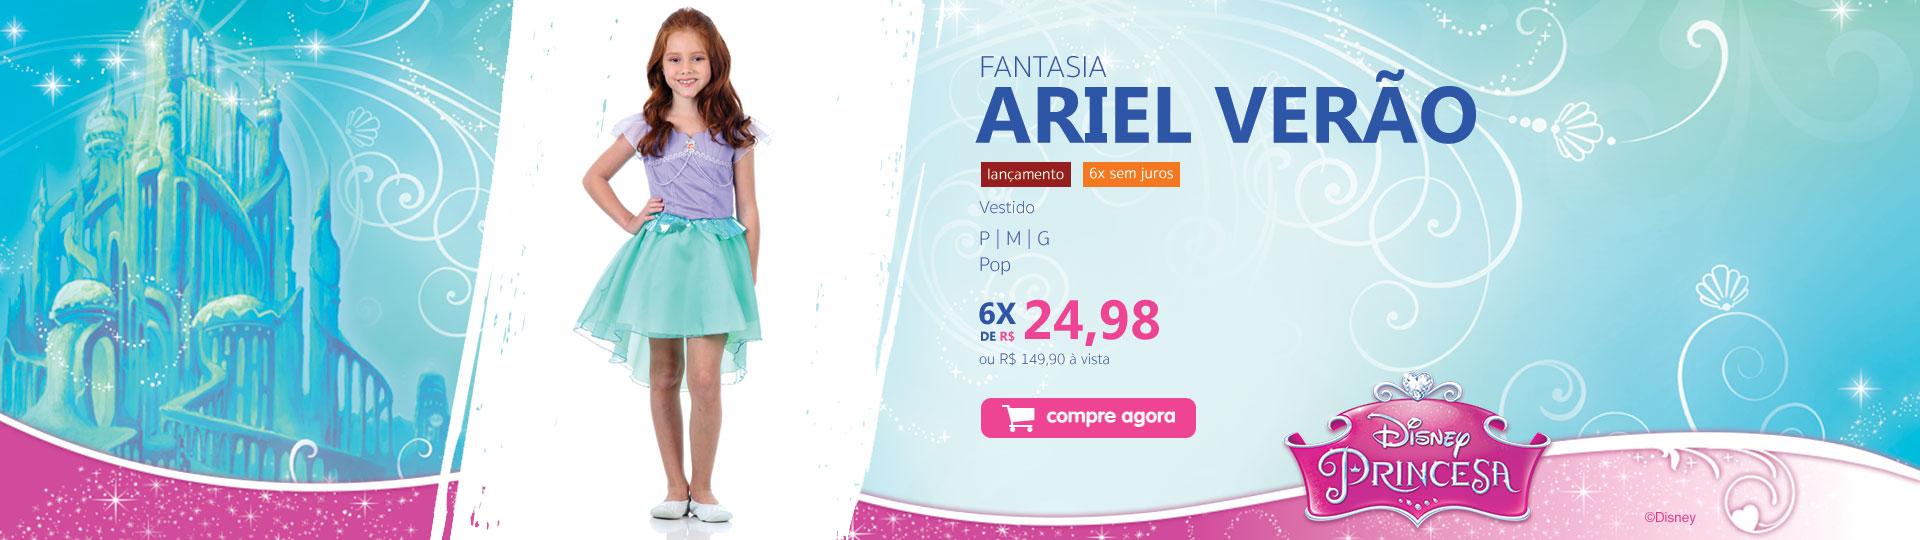 Ariel Verão